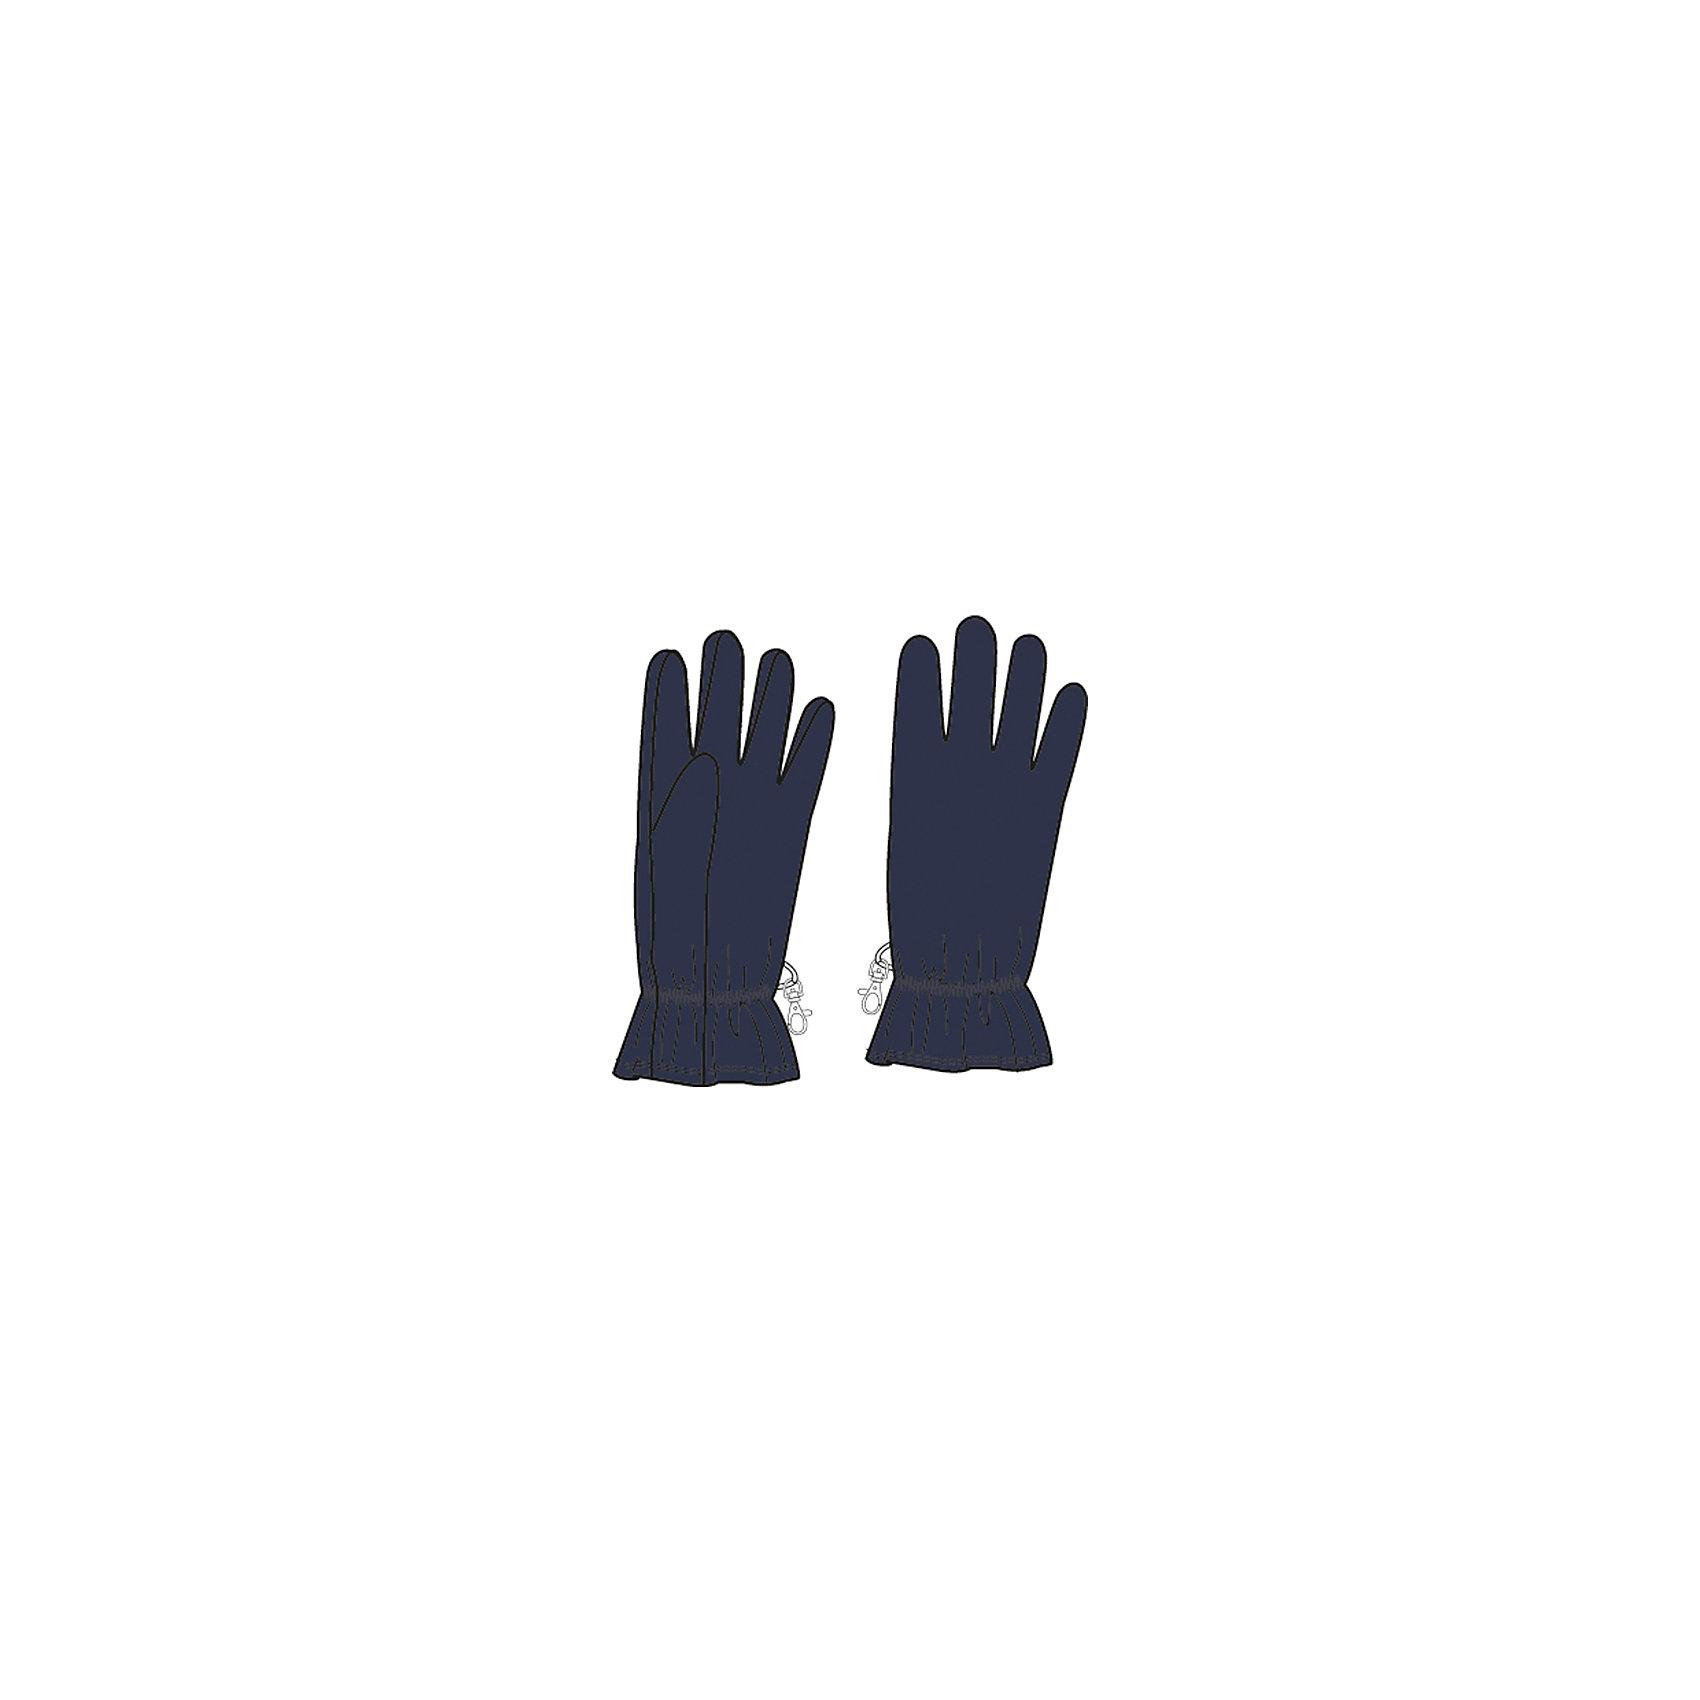 Перчатки для мальчика PlayTodayПерчатки, варежки<br>Перчатки для мальчика от известного бренда PlayToday.<br>Мягкие и уютные флисовые перчатки темно-синего цвета. Верх на мягкой резинке.<br>Состав:<br>100% полиэстер<br><br>Ширина мм: 162<br>Глубина мм: 171<br>Высота мм: 55<br>Вес г: 119<br>Цвет: синий<br>Возраст от месяцев: 72<br>Возраст до месяцев: 96<br>Пол: Мужской<br>Возраст: Детский<br>Размер: 15,13,16,14<br>SKU: 4897900